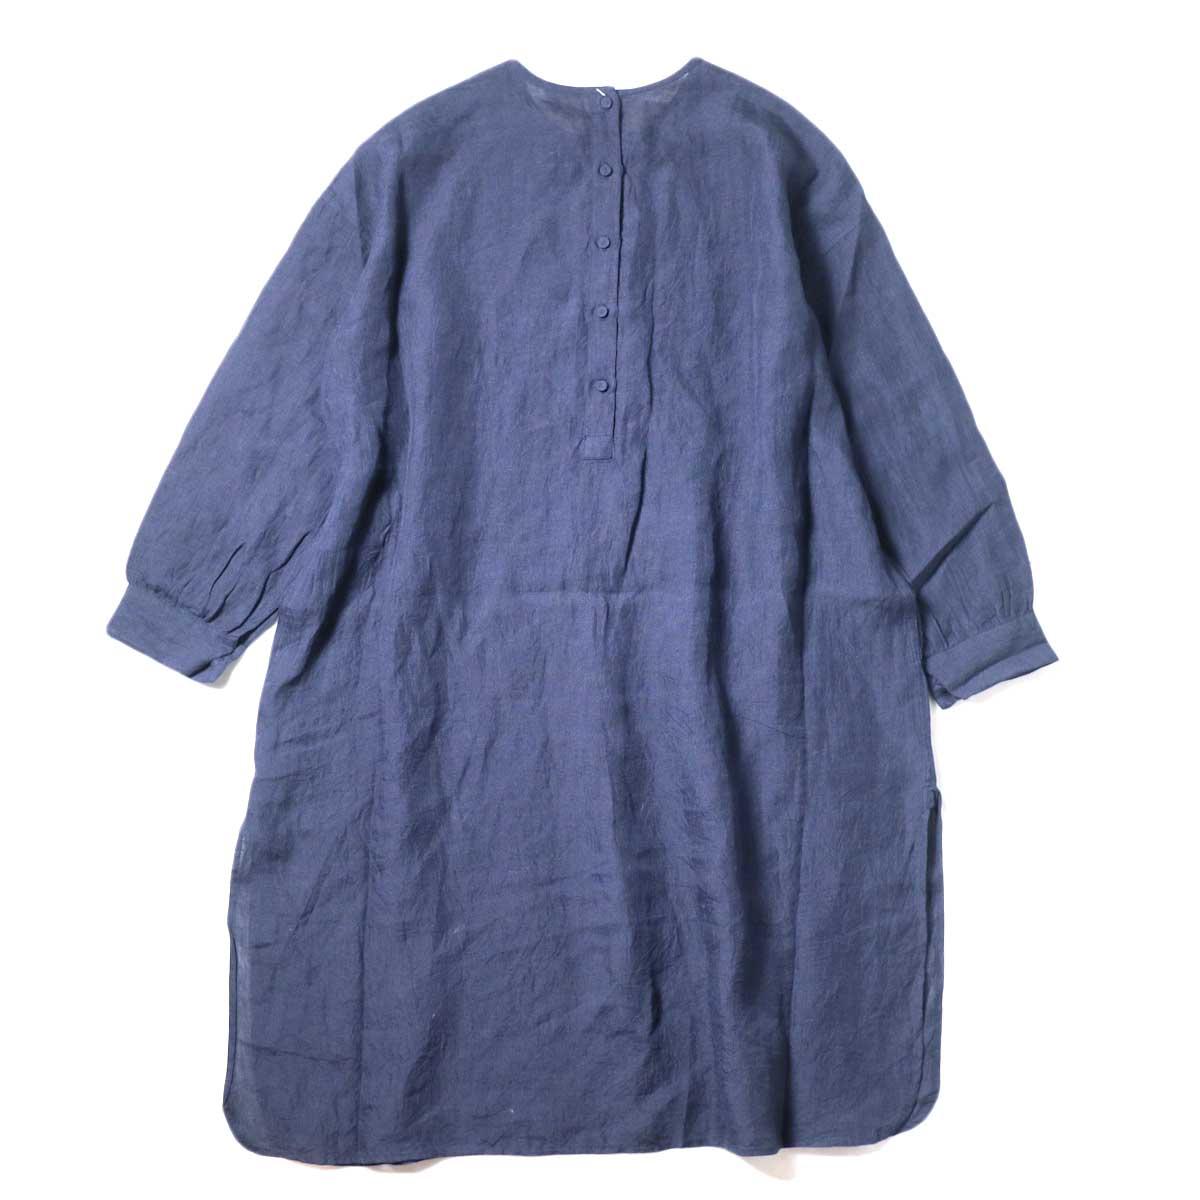 maison de soil / BACK OPENING CREN-NECK SHIRT DRESS (Navy) 背面